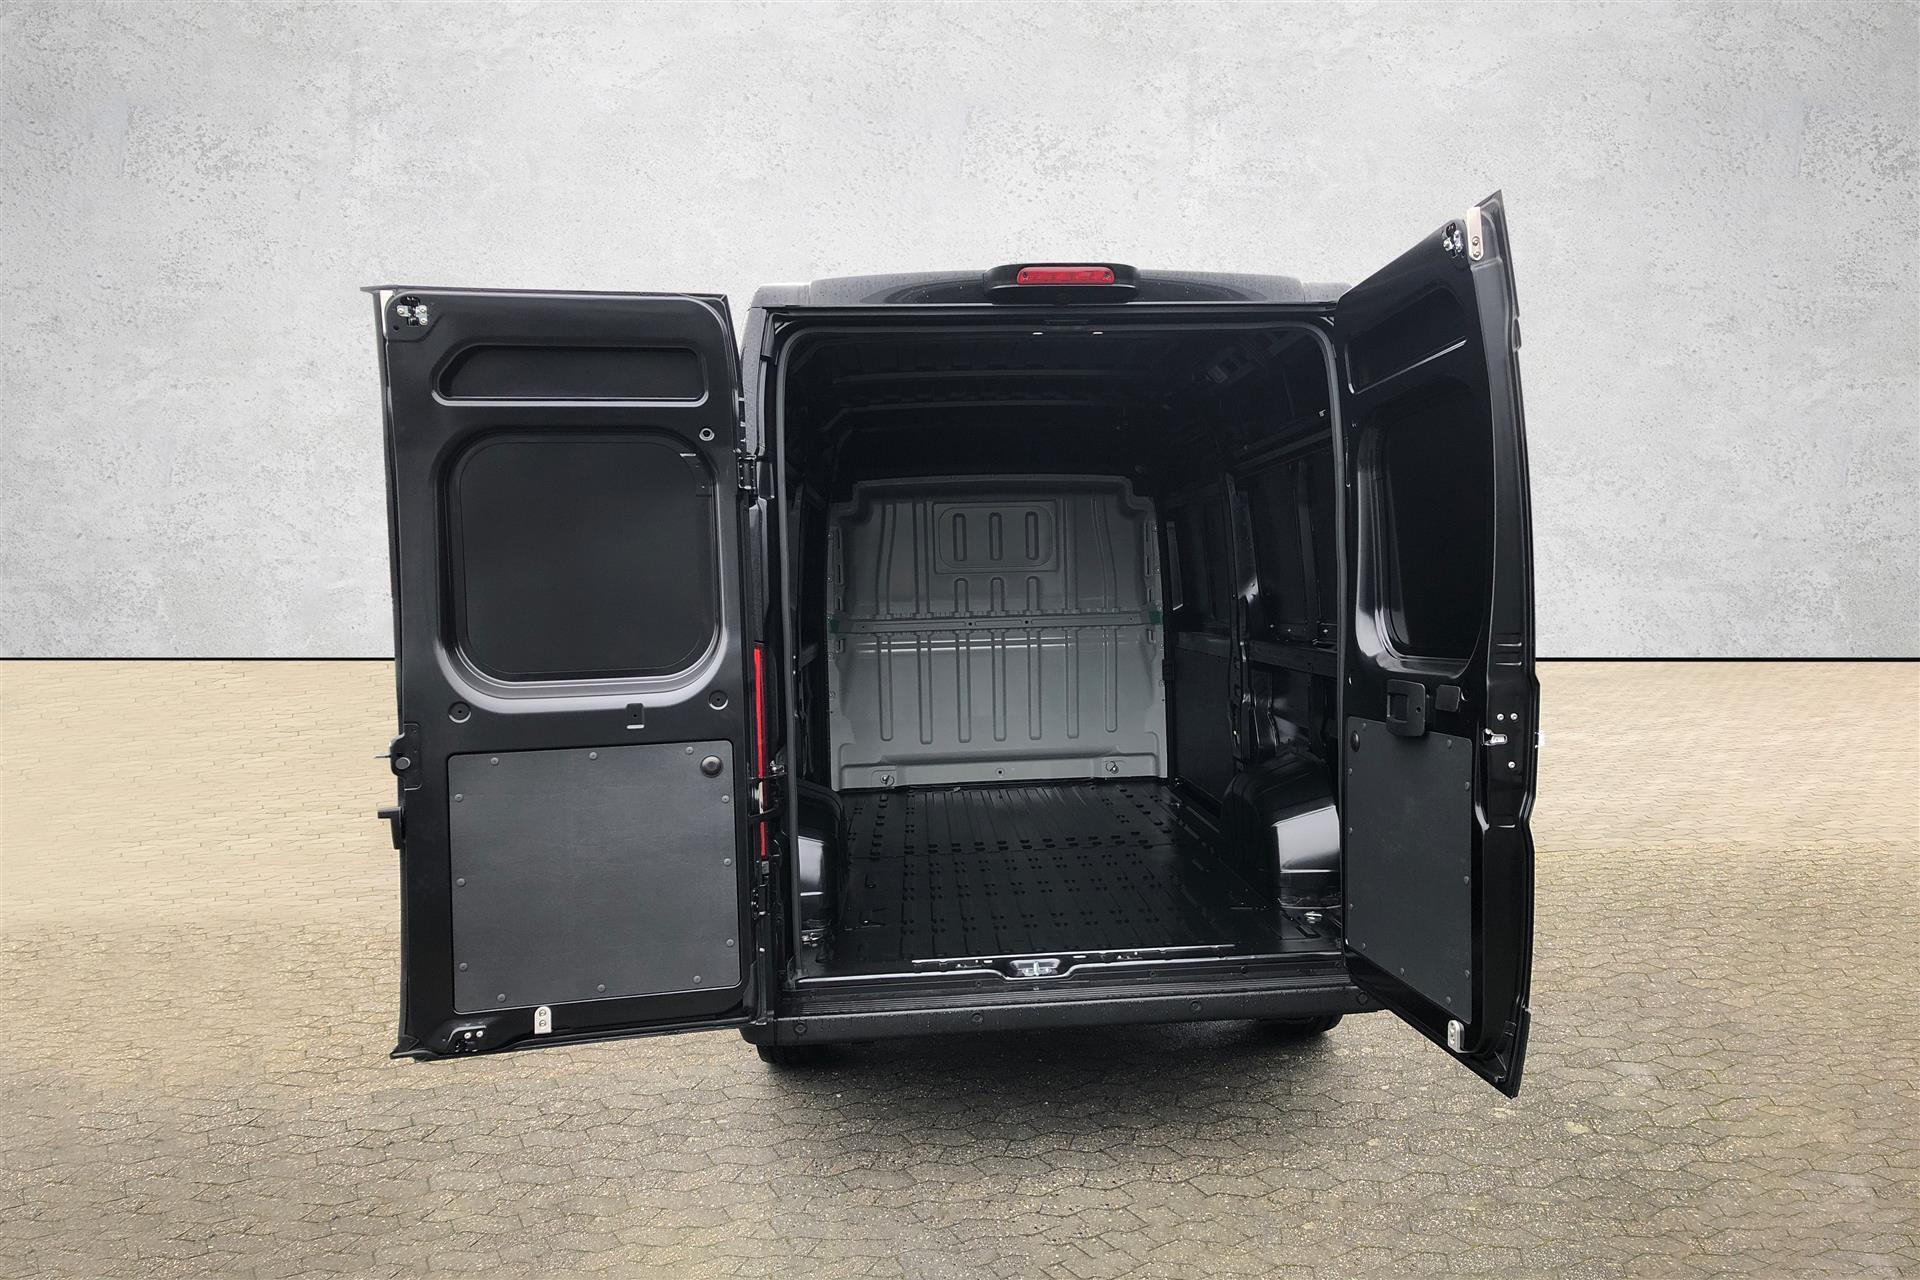 Billede af Fiat Ducato 35 L2H2 2,3 MJT Professional Plus 140HK Van 6g